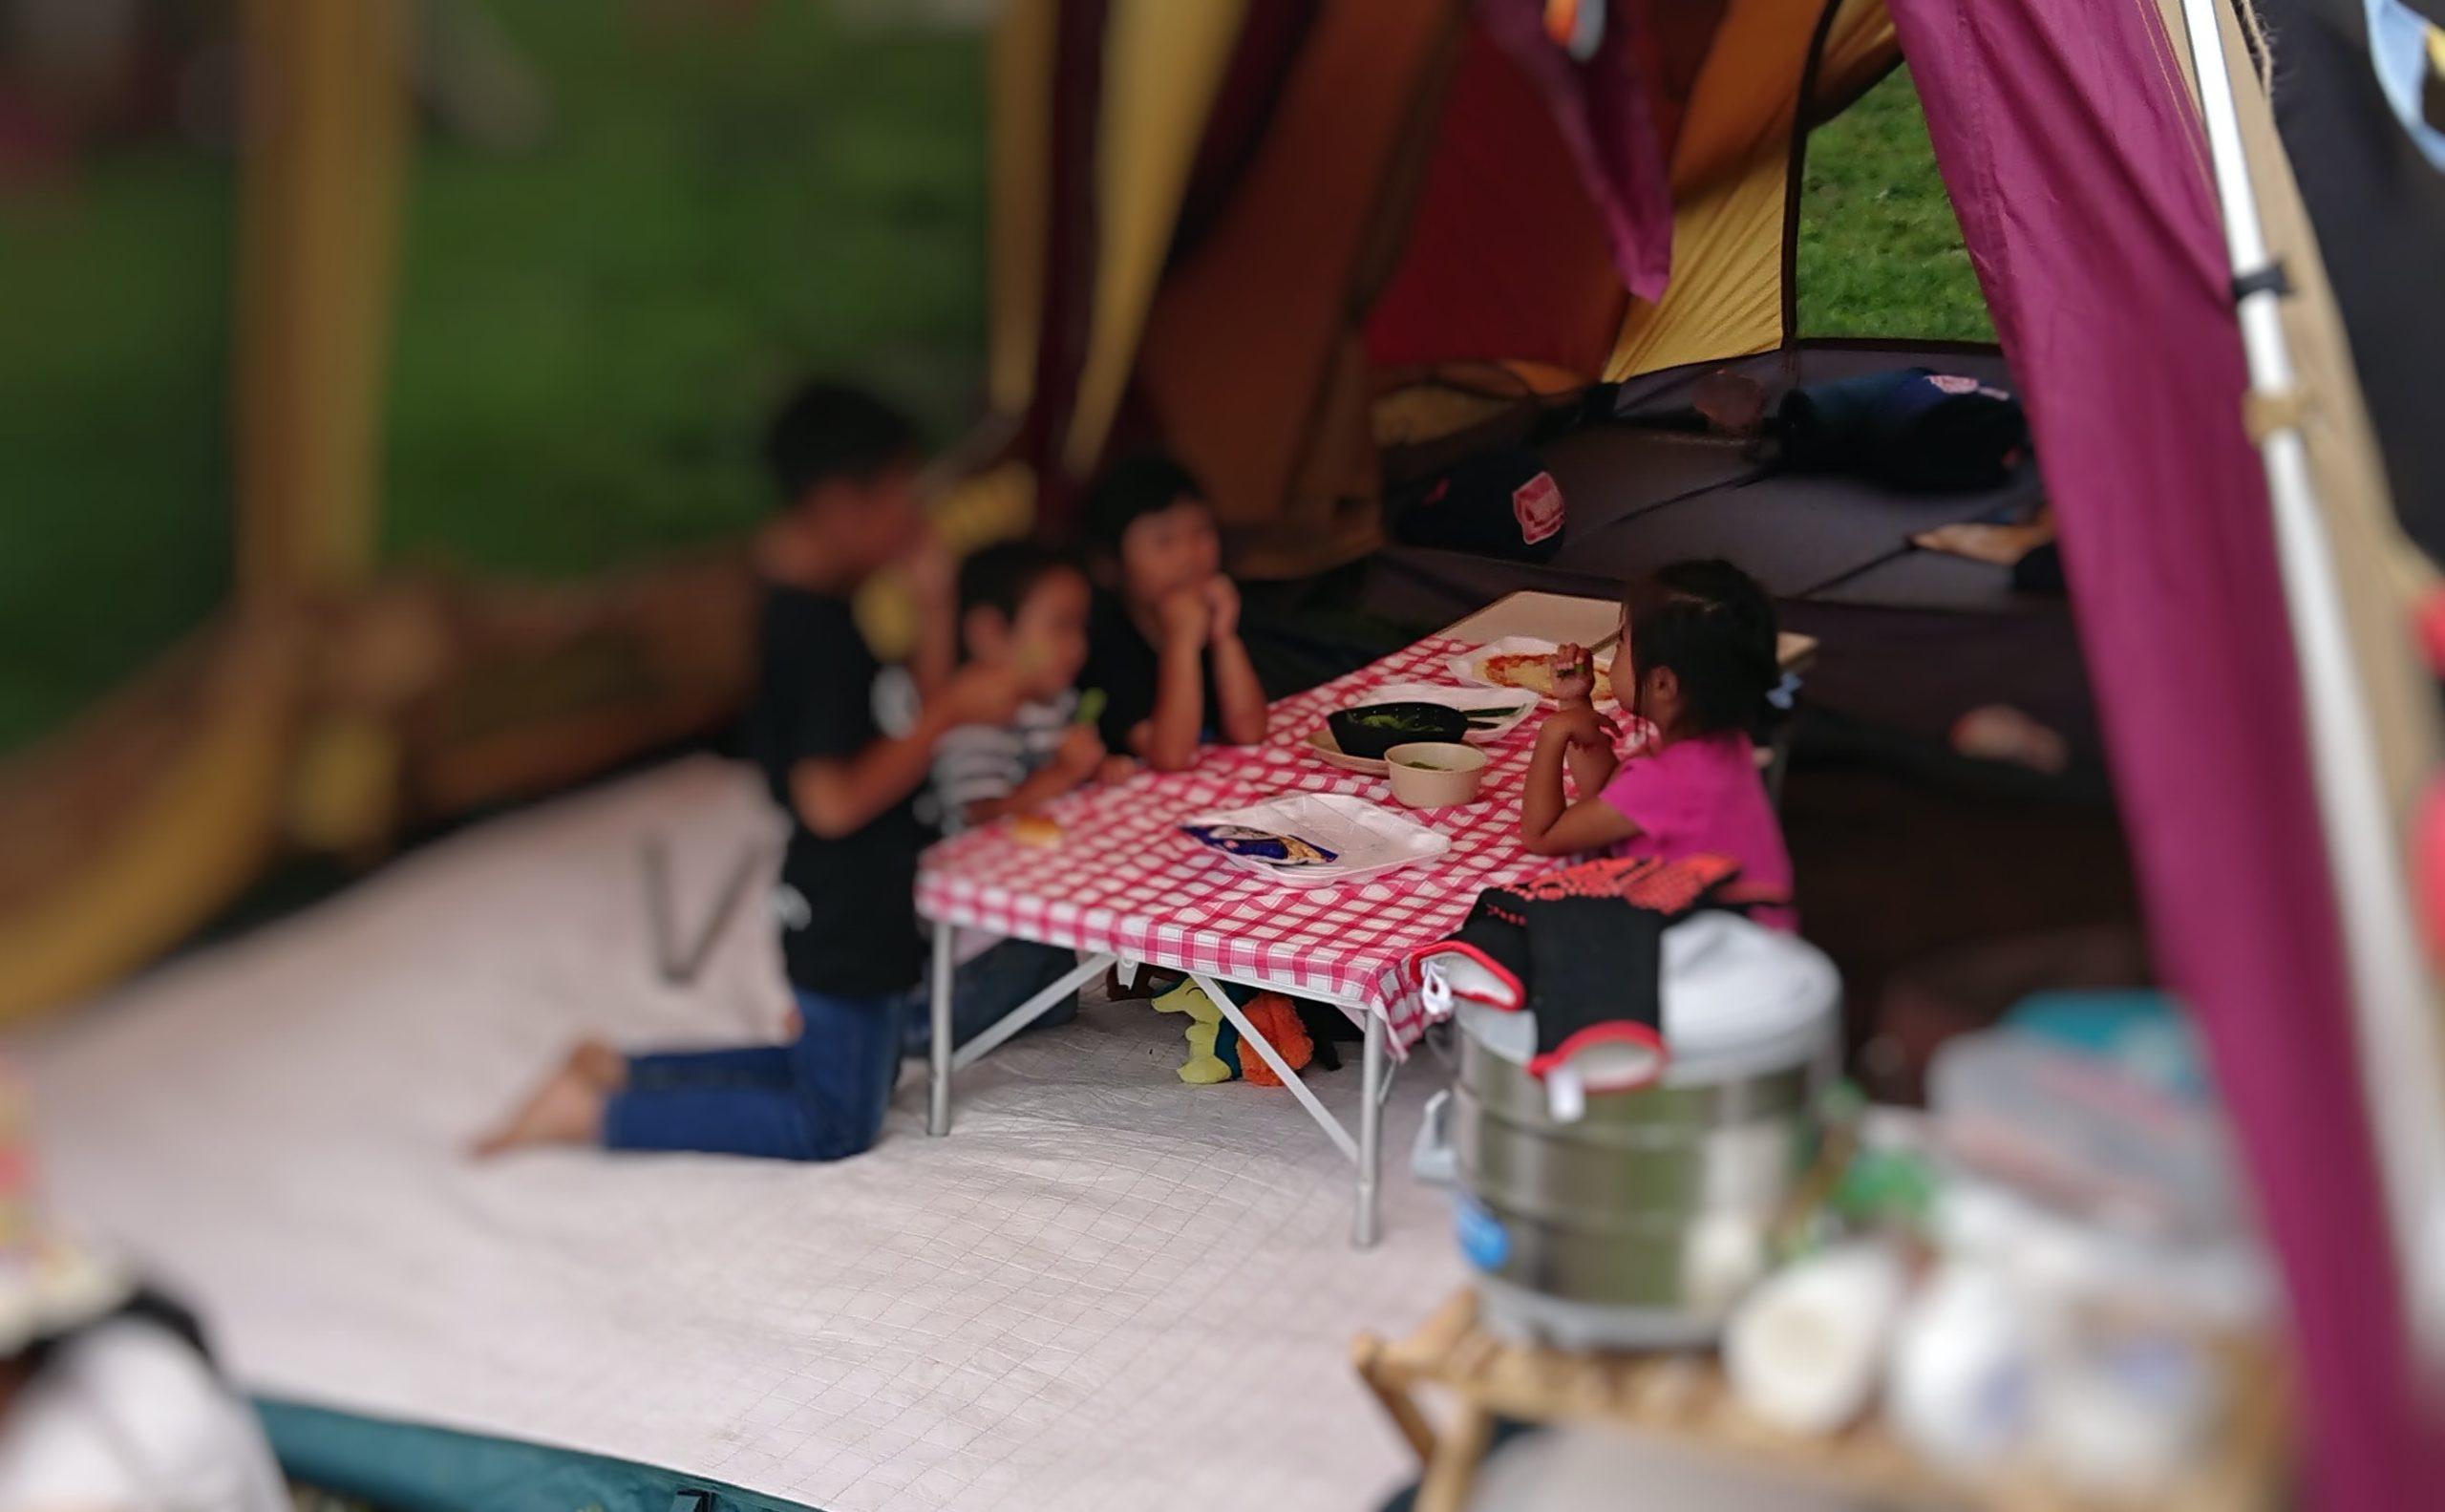 ファミリーキャンプのレイアウトでおすすめのお座敷スタイル